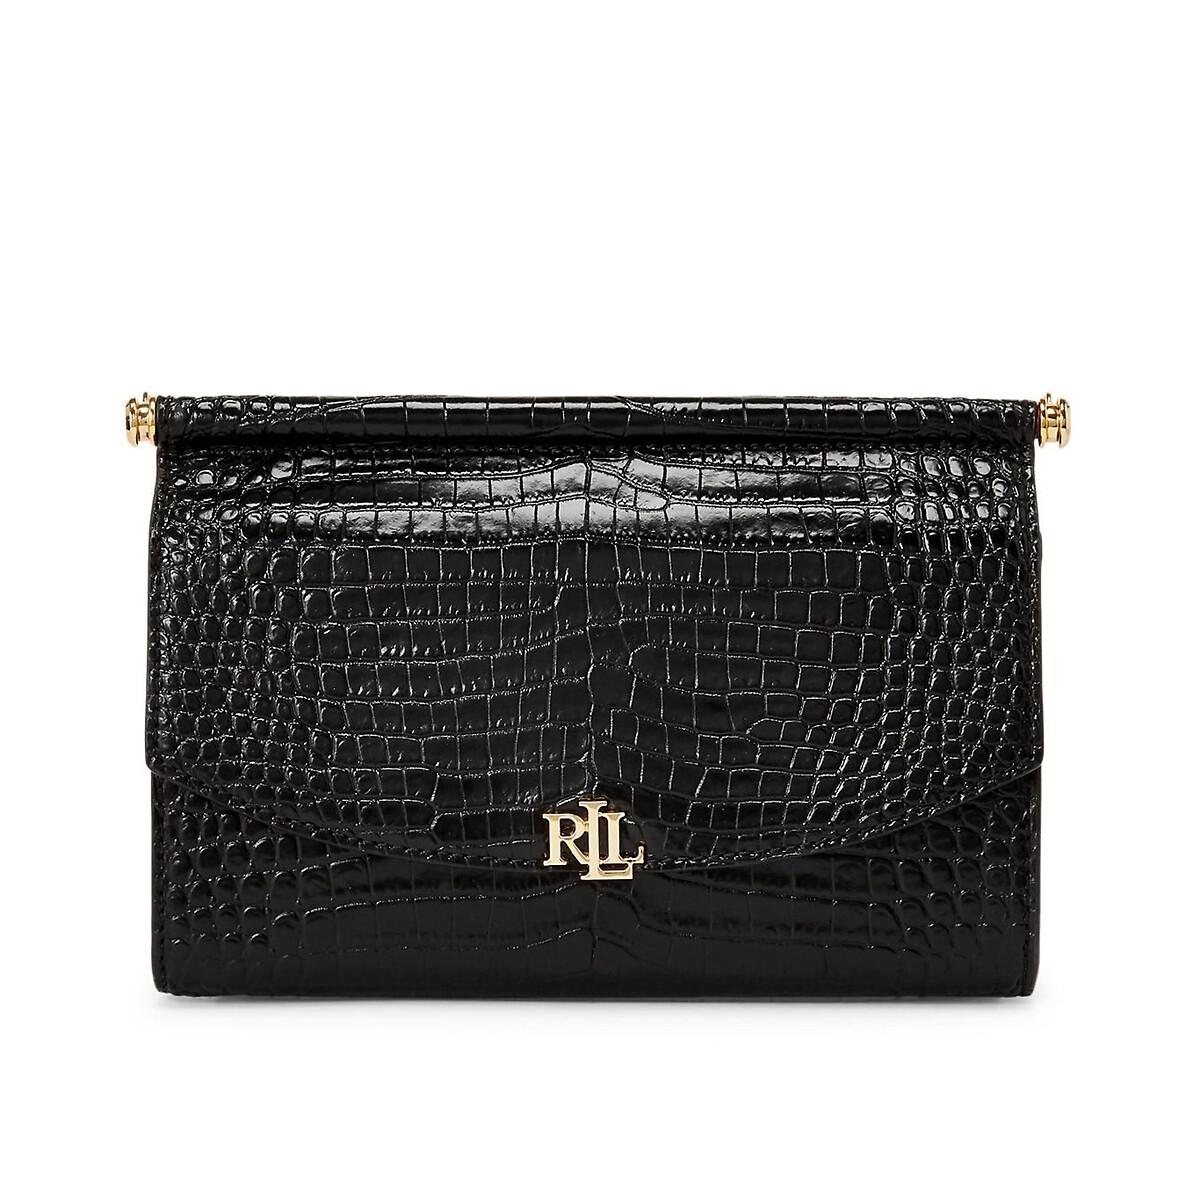 Сумка-клатч La Redoute Из кожи с узором под крокодиловую кожу единый размер черный сумка клатч la redoute с помпонами uni черный